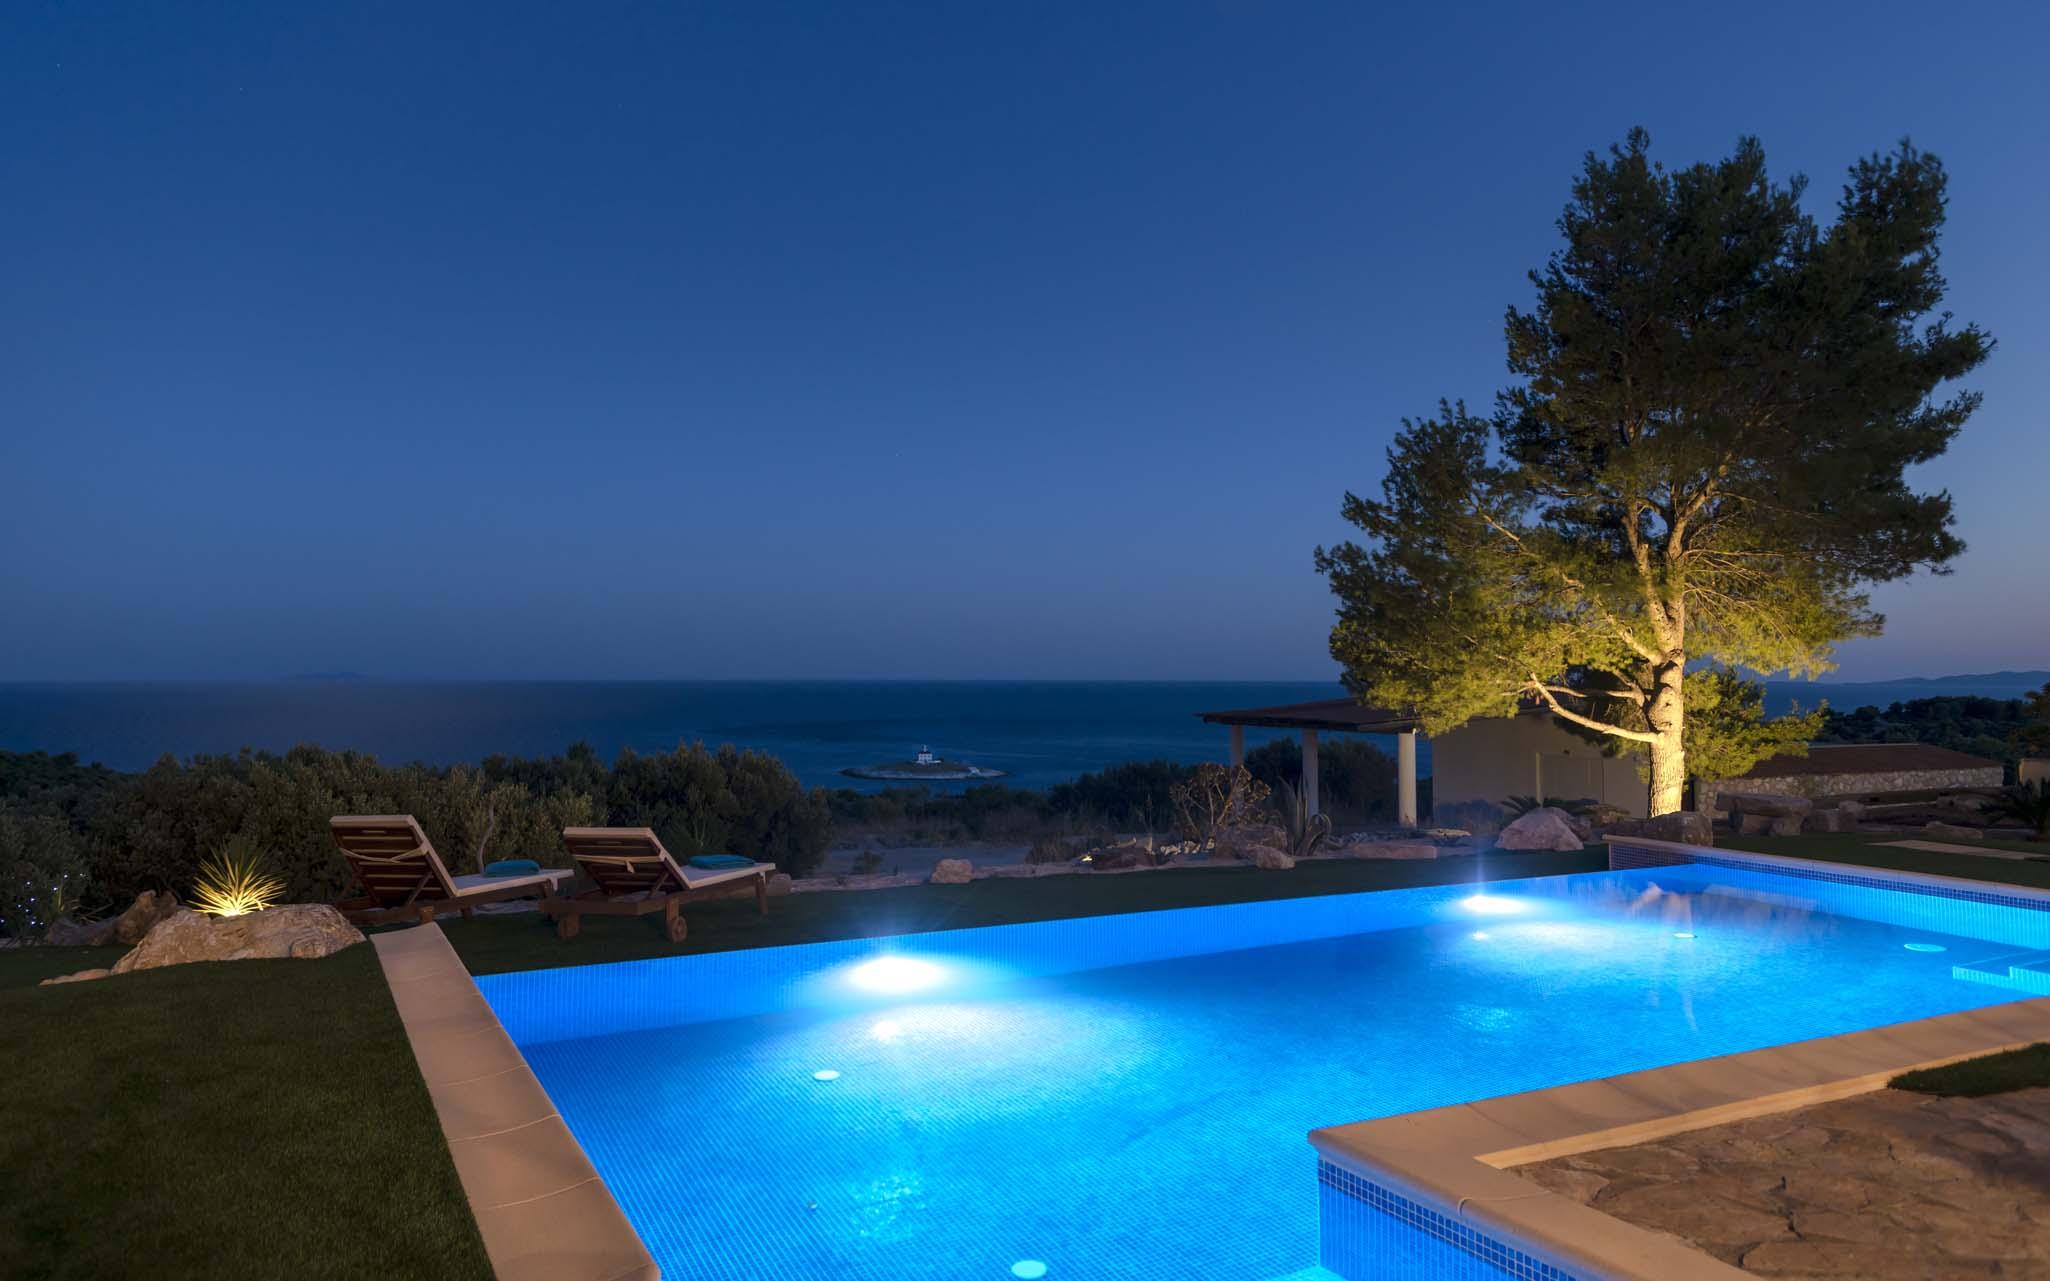 Ocean Seeker Villa Infinity Pool at night